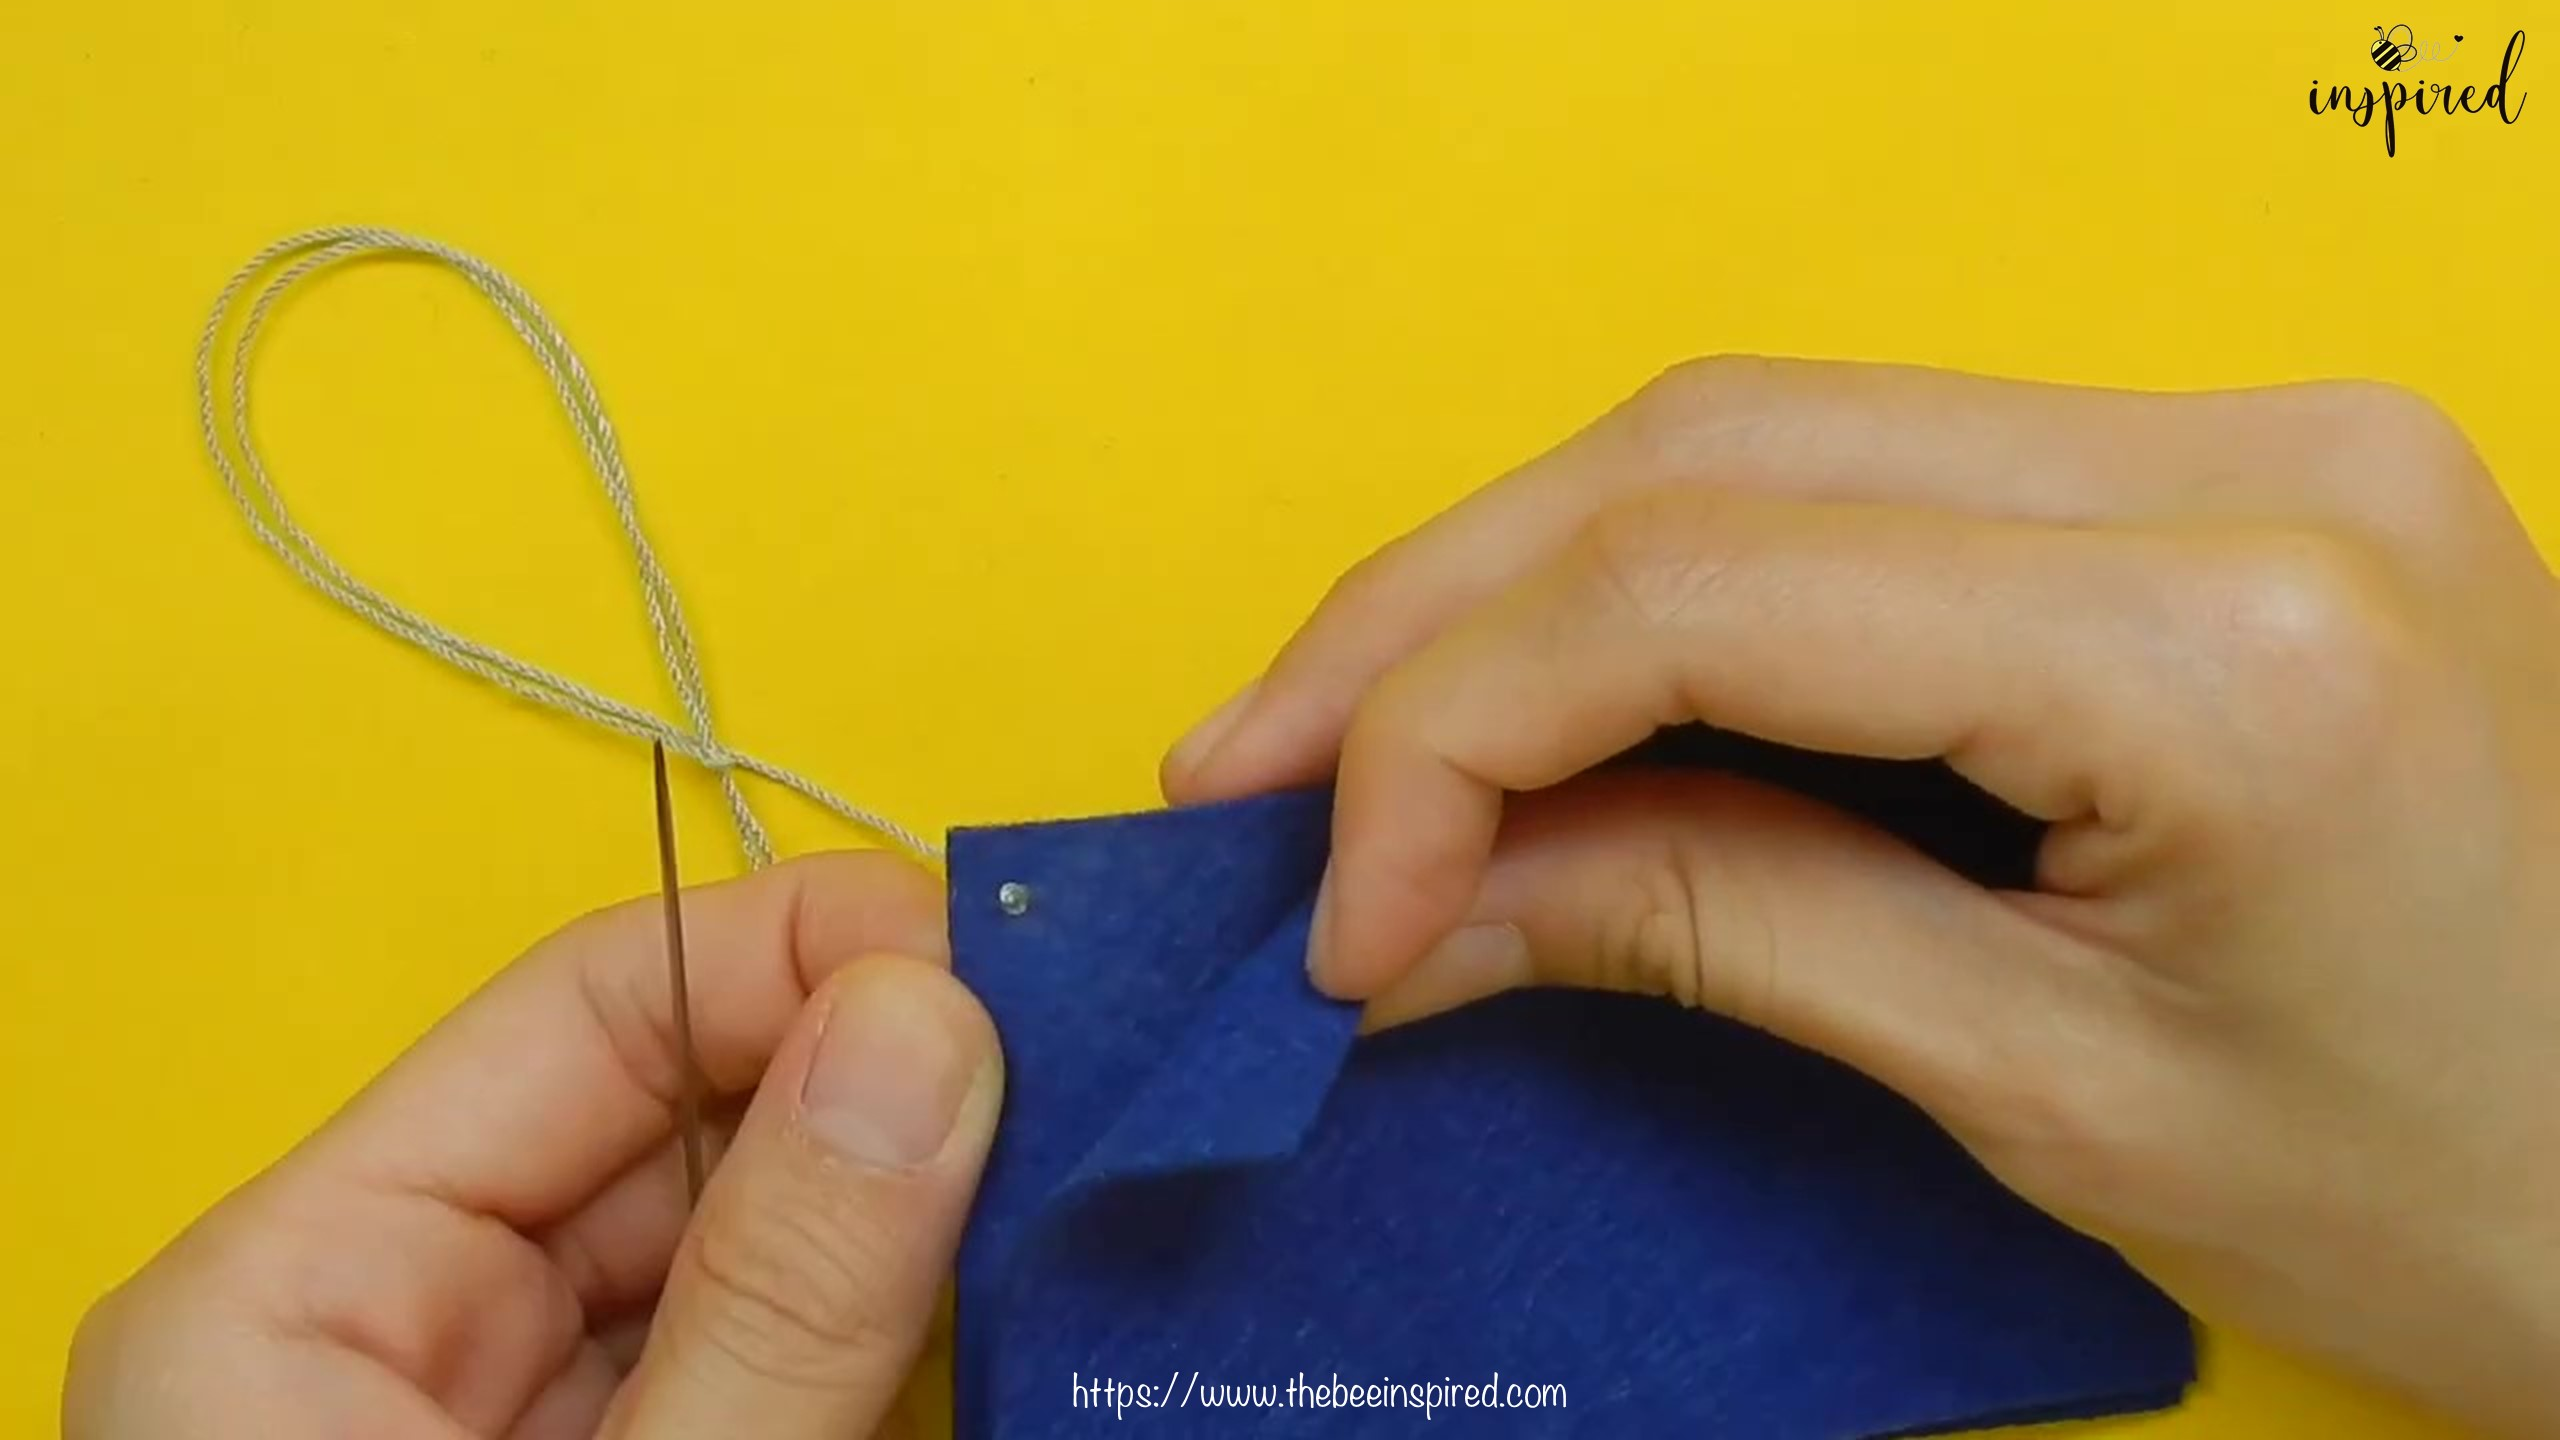 วิธีการเย็บลายปักริมผ้าห่ม (How to Sew a Blanket Stitch) _ วิธีเย็บเก็บริมผ้าโดยไม่ใช้จักรโพ้ง_4